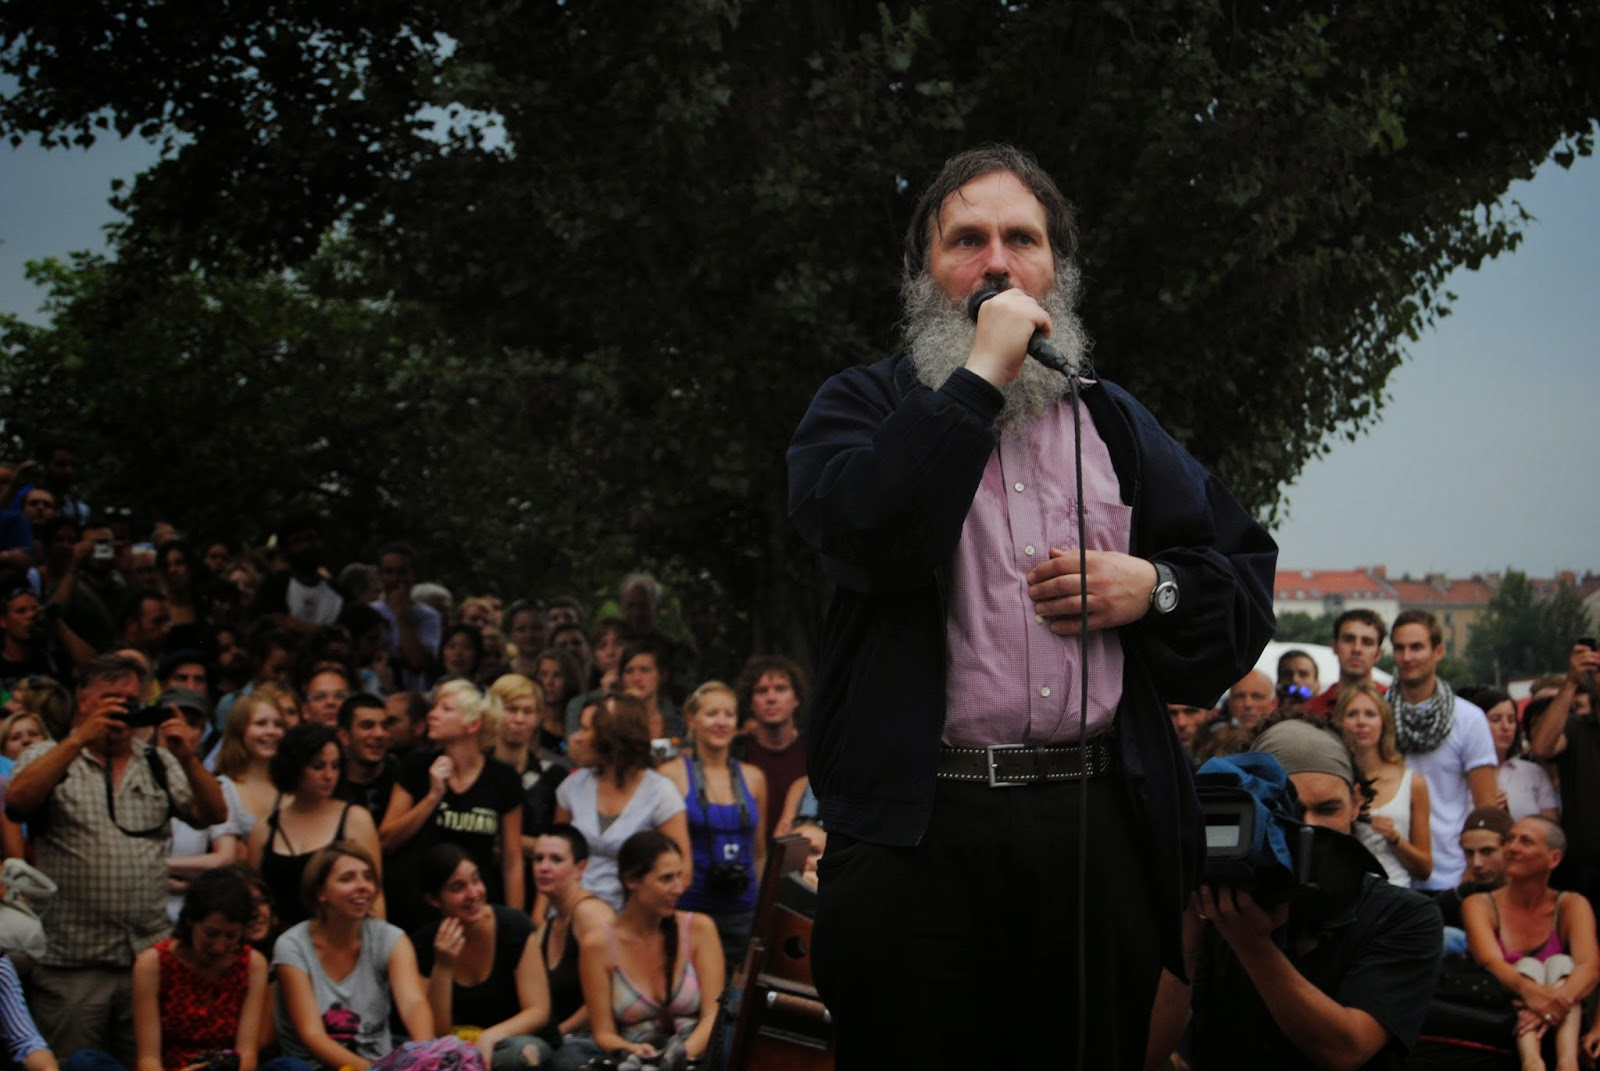 Señor cantando en el Karaoke de Mauerpark